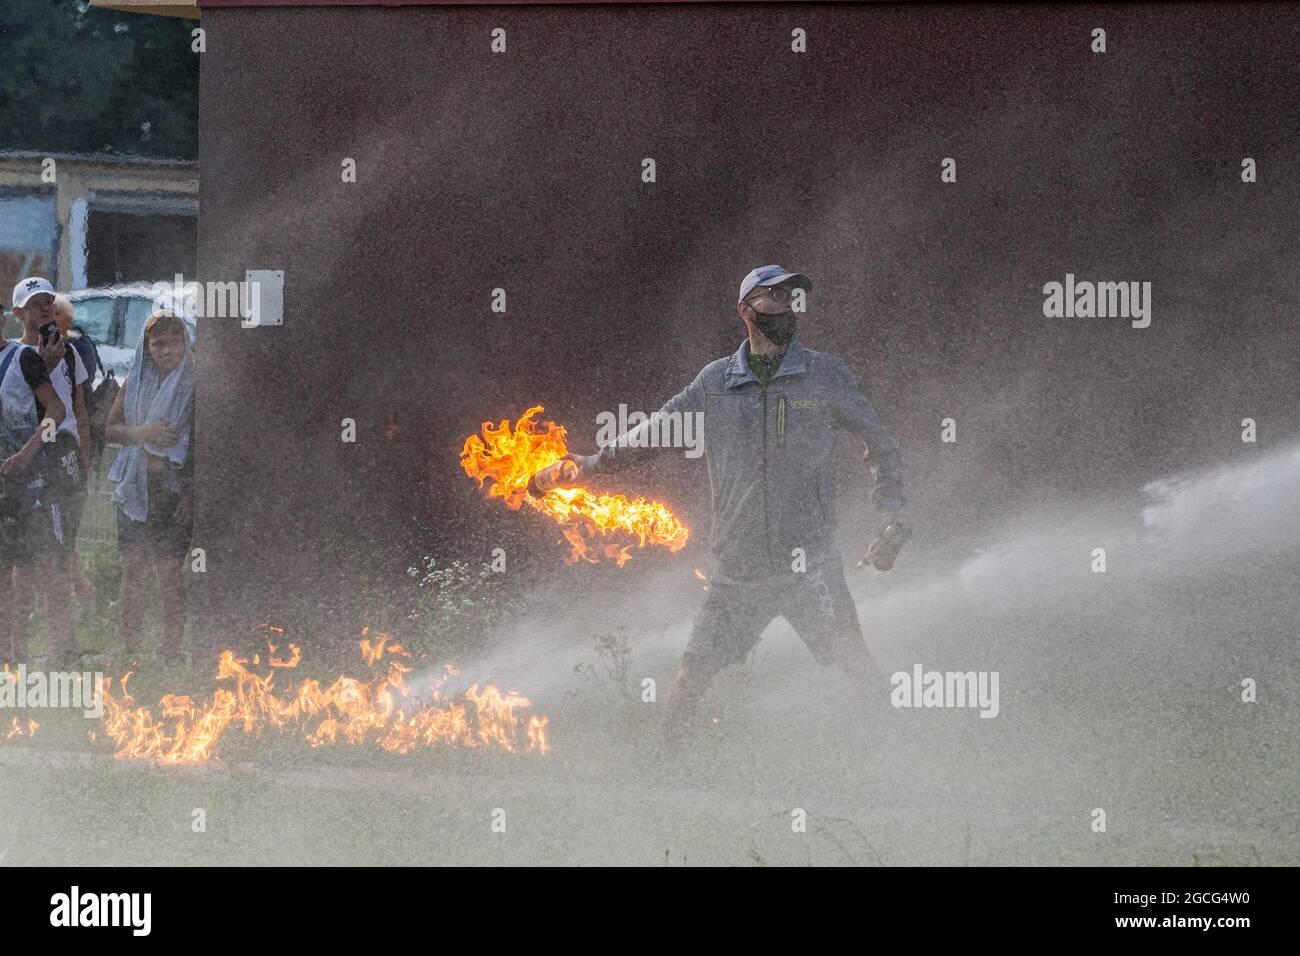 Lubin, Polen. August 2021. Unruhen auf der Polizeistation in Lubin nach dem Tod eines 32-jährigen Mannes während der Polizeiintervention. (Bild: © Krzysztof Kaniewski/ZUMA Press Wire) Stockfoto